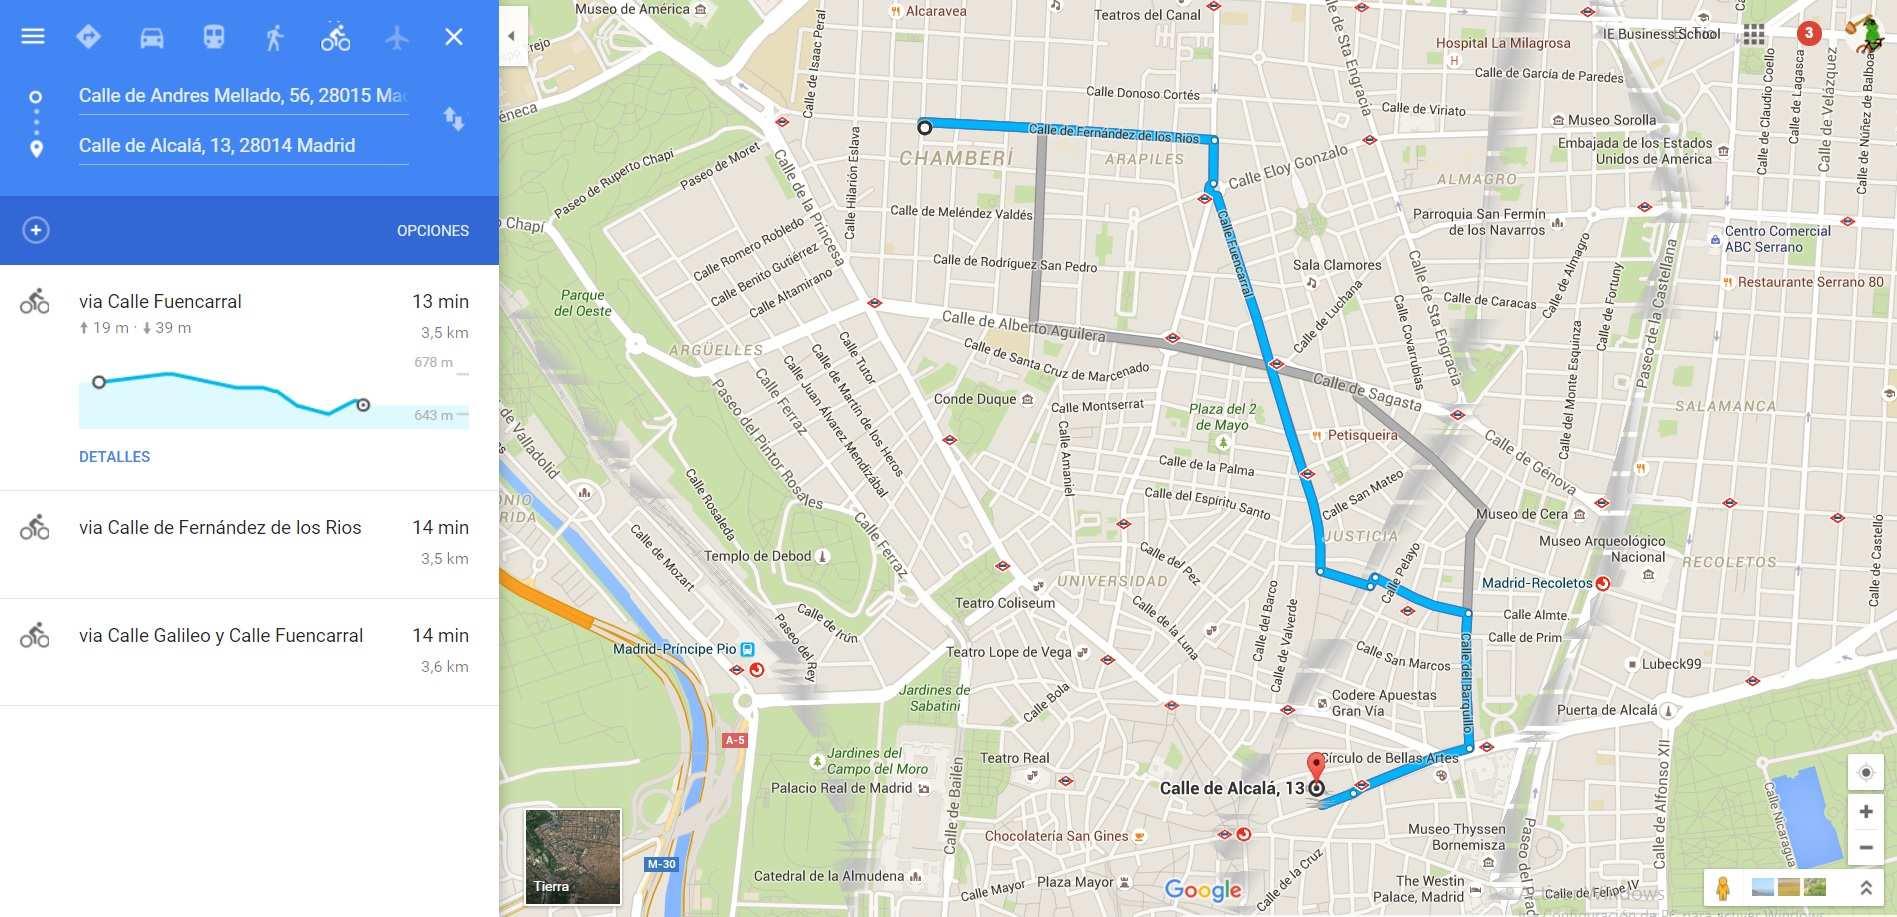 planificador trayectos bici Google